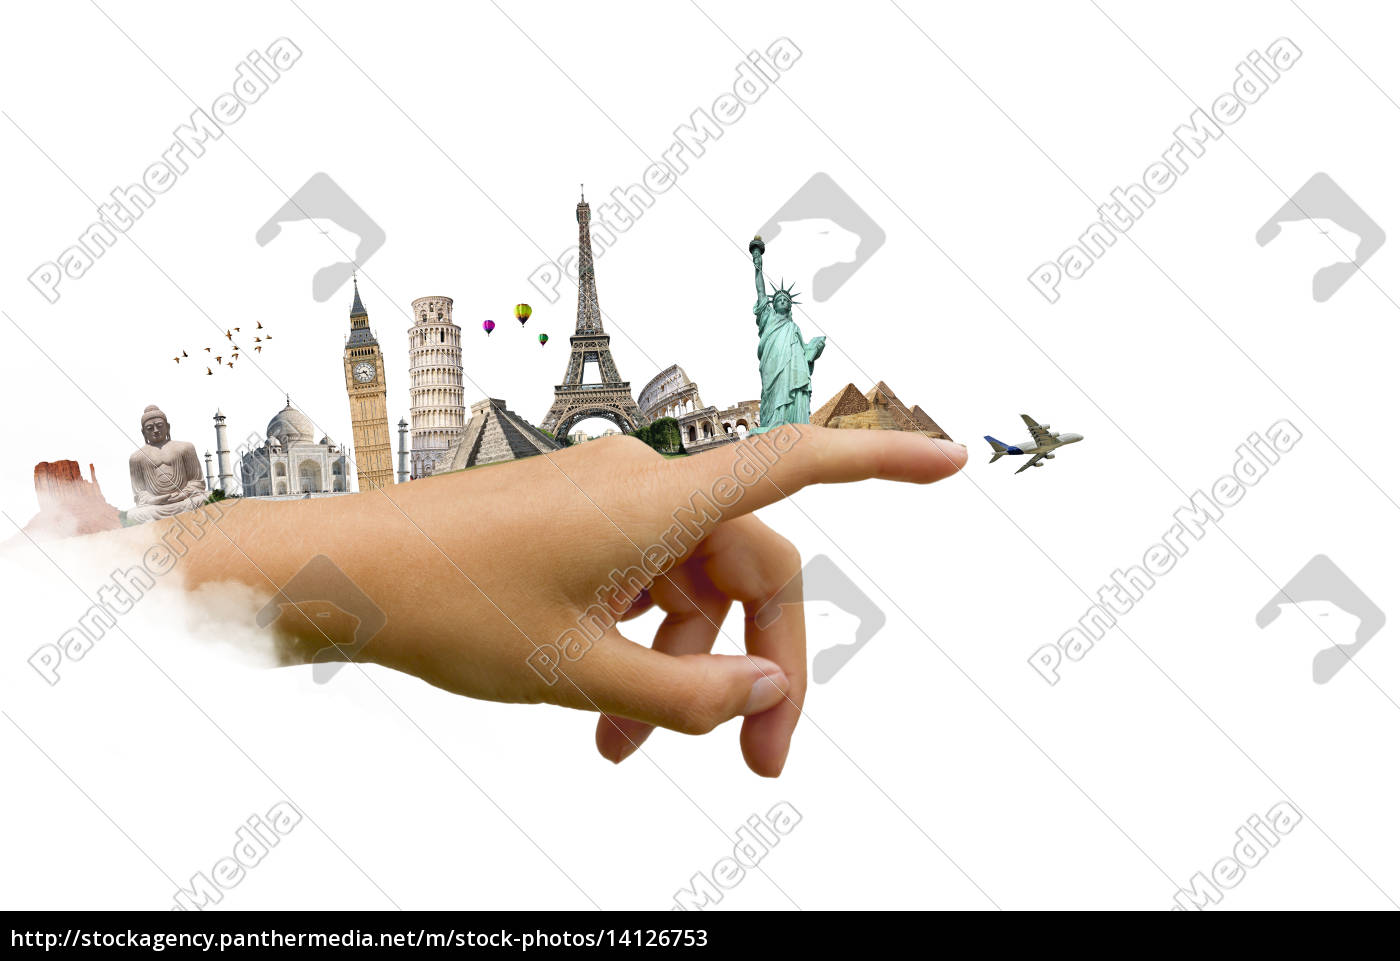 ilustração, do, famoso, monumento, do, mundo - 14126753